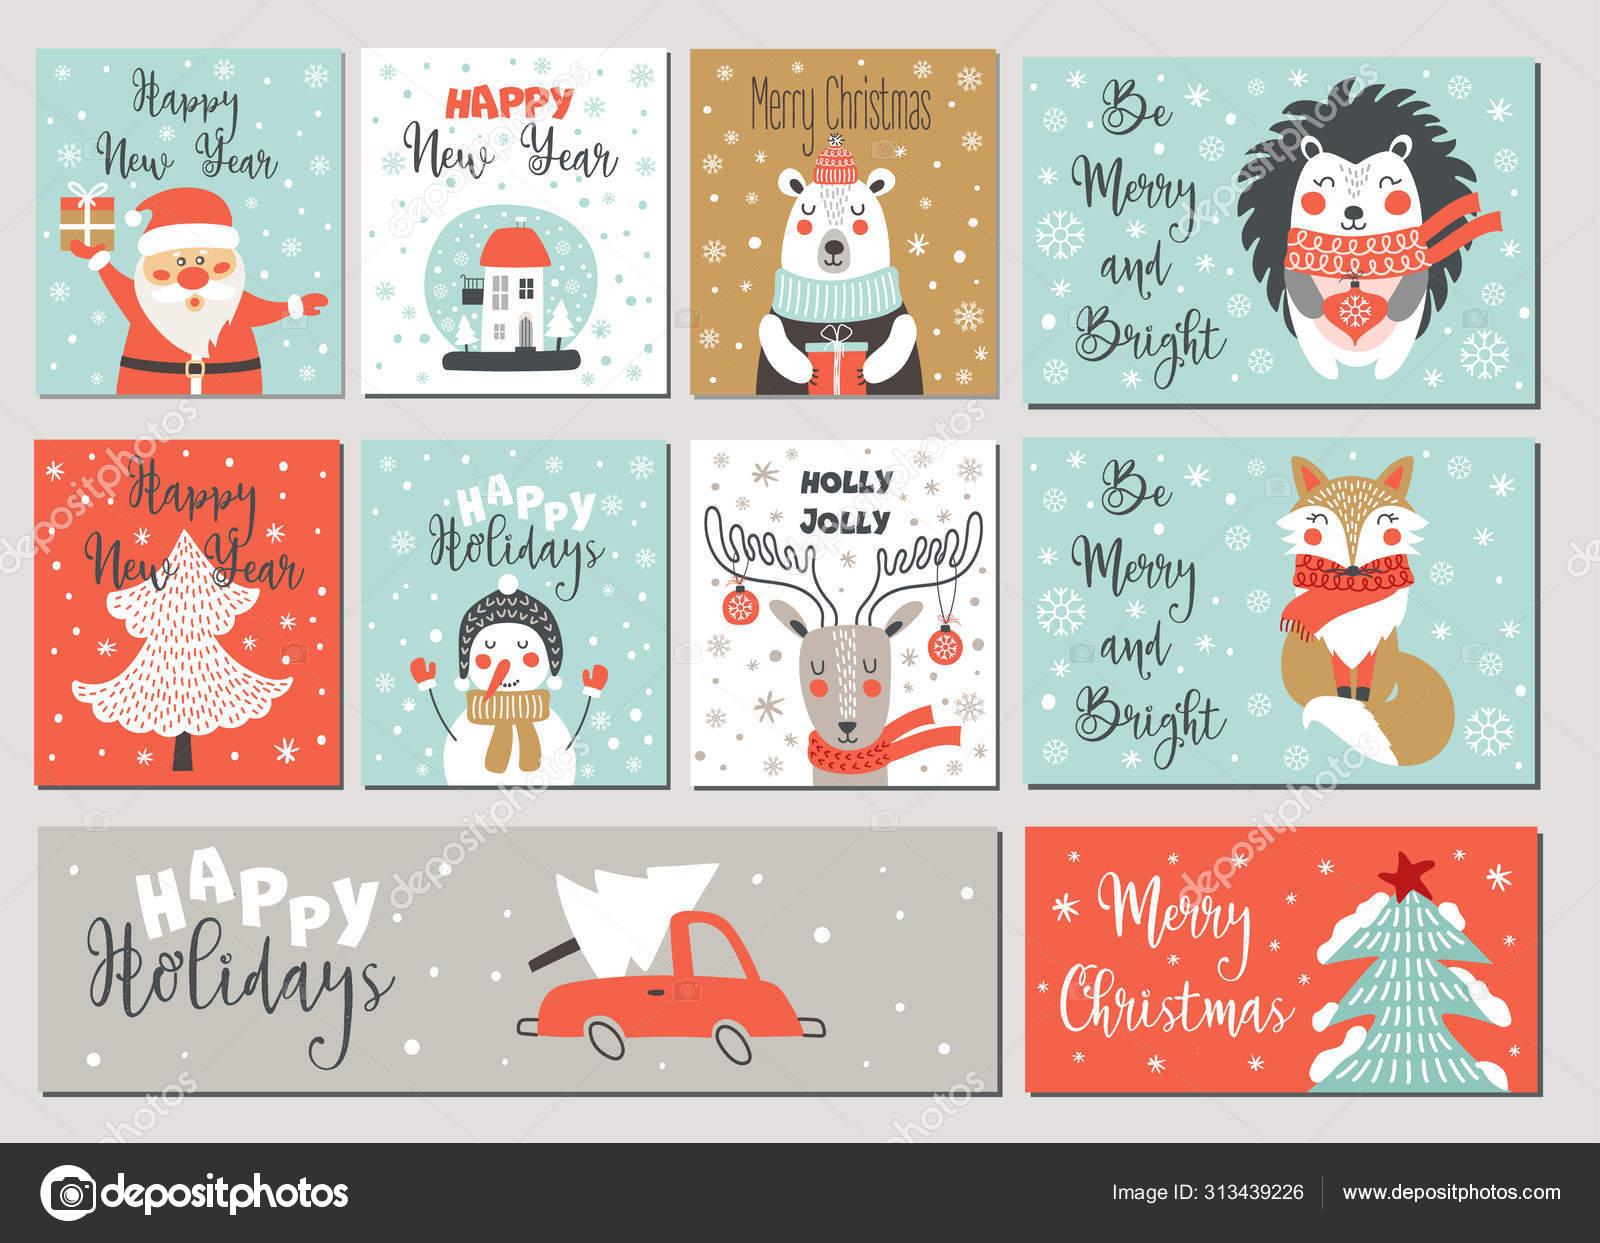 Selamat Natal Dan Selamat Tahun Baru Kartu Ucapan Ditetapkan Dengan Elemen Gambar Tangan Vektor Stok Vektor C Kate She 313439226